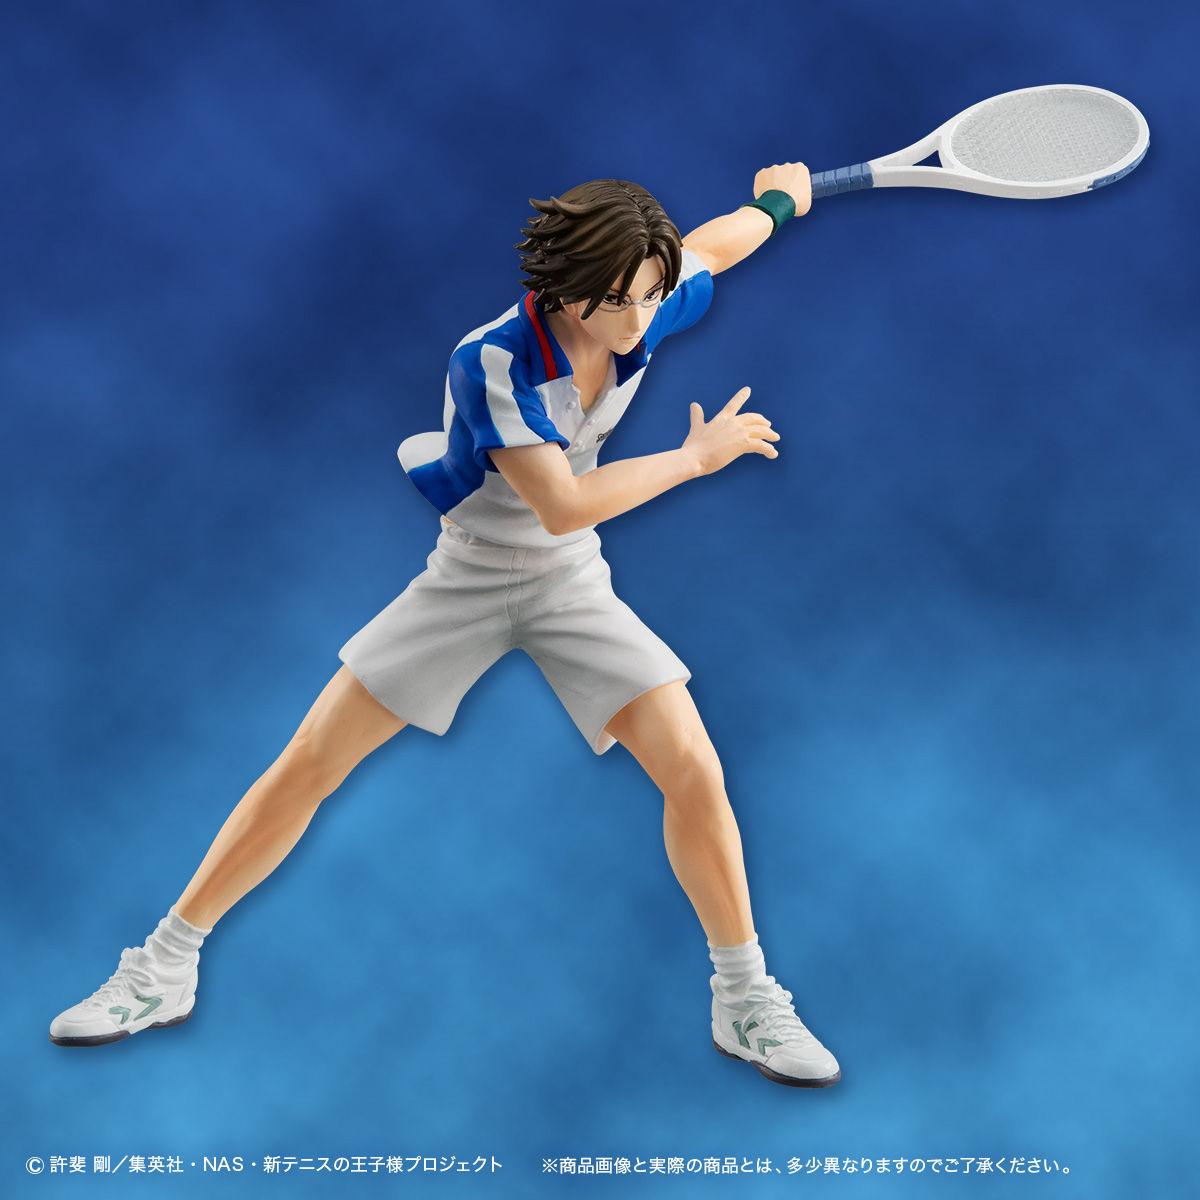 王子 の 新 様 テニス